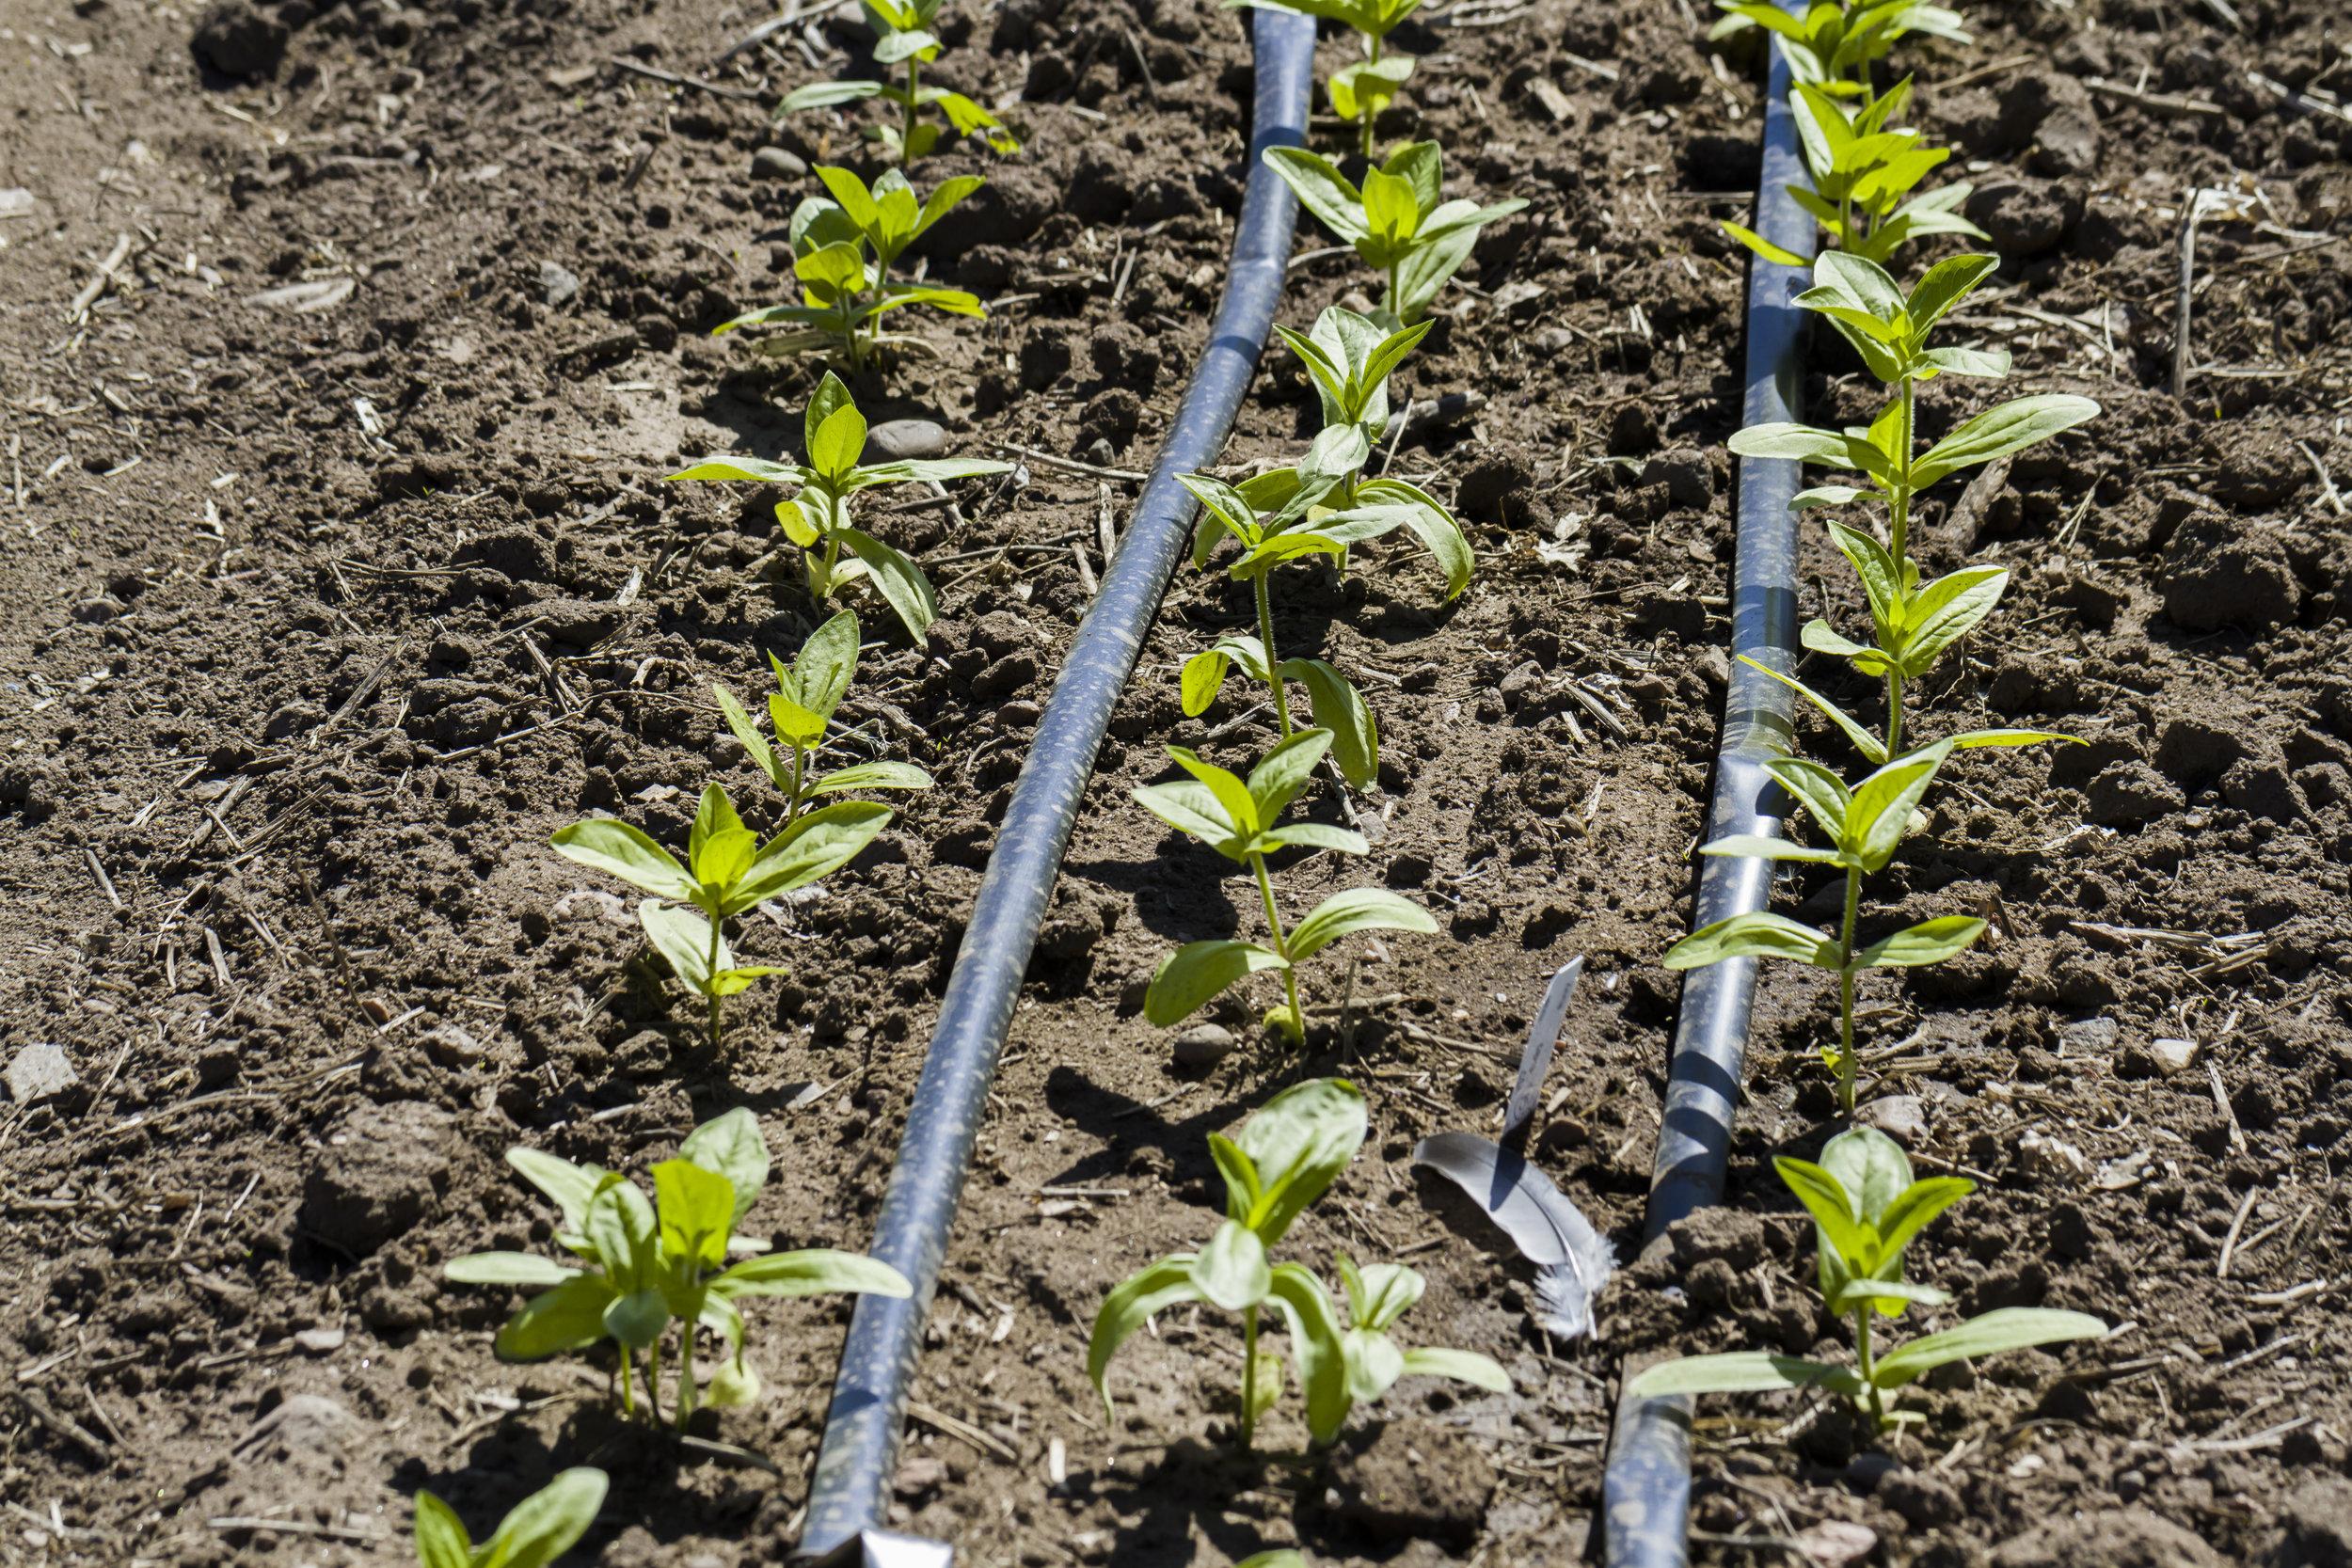 Drip Irrigation in Vegetable Garden